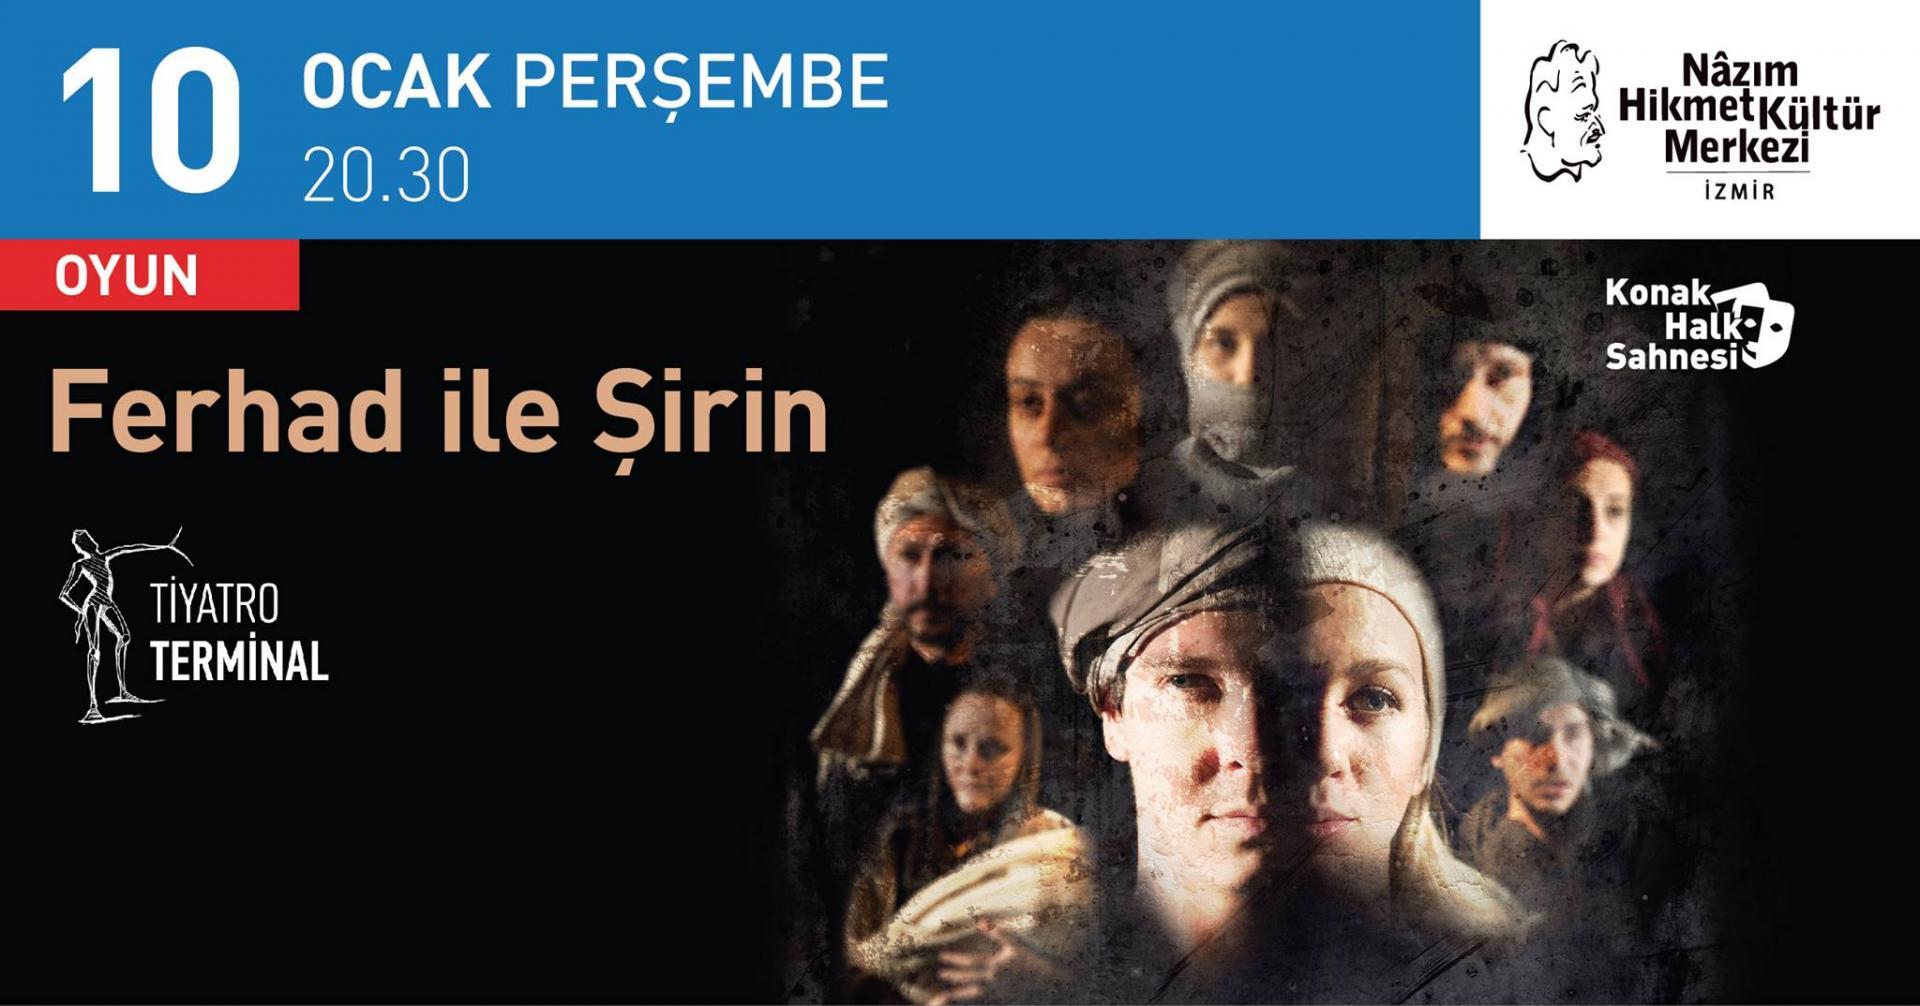 Ferhad ile Şirin / Nazım Hikmet Kültür Merkezi'nde!